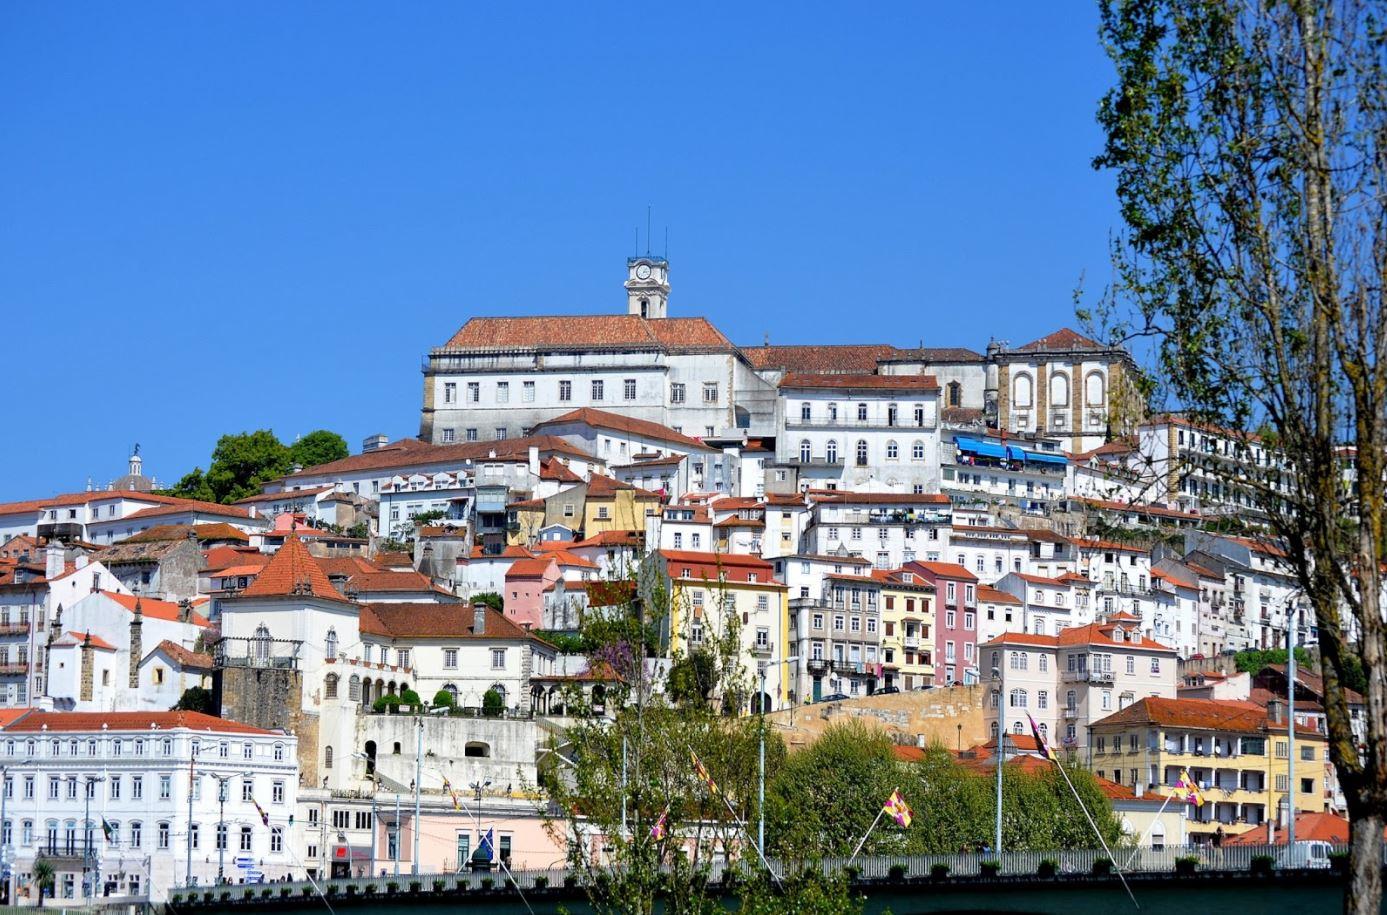 Coimbra Üniversitesi ve Çevresindeki Tarihi Şehir